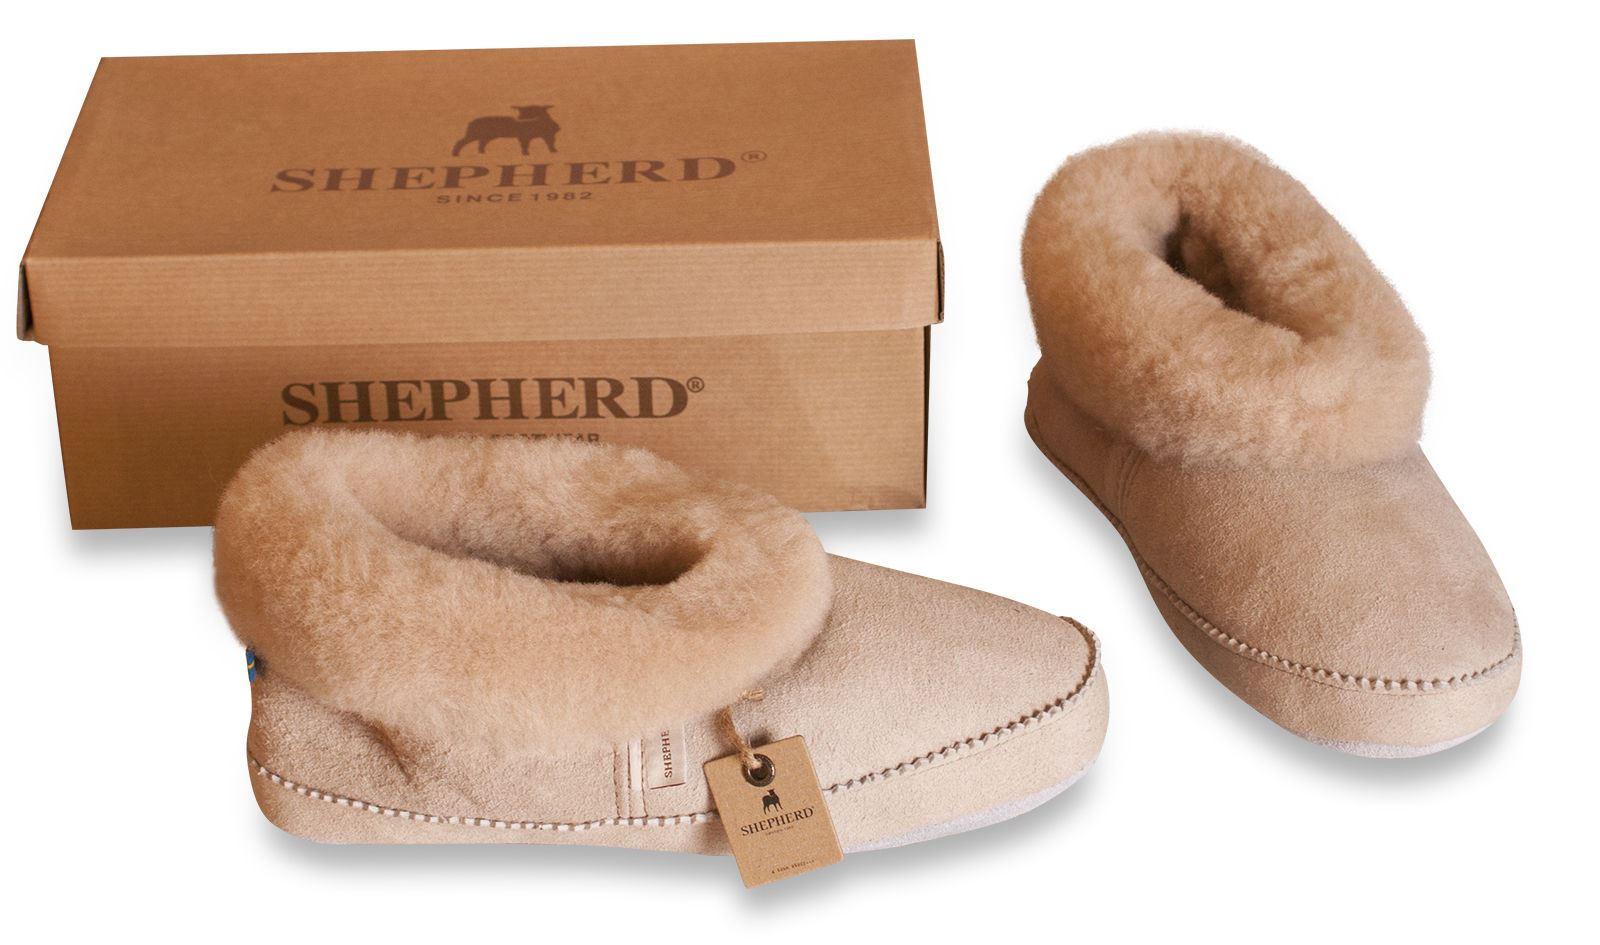 liste de cadeaux de romane s boss chaussons mouton top moumoute. Black Bedroom Furniture Sets. Home Design Ideas